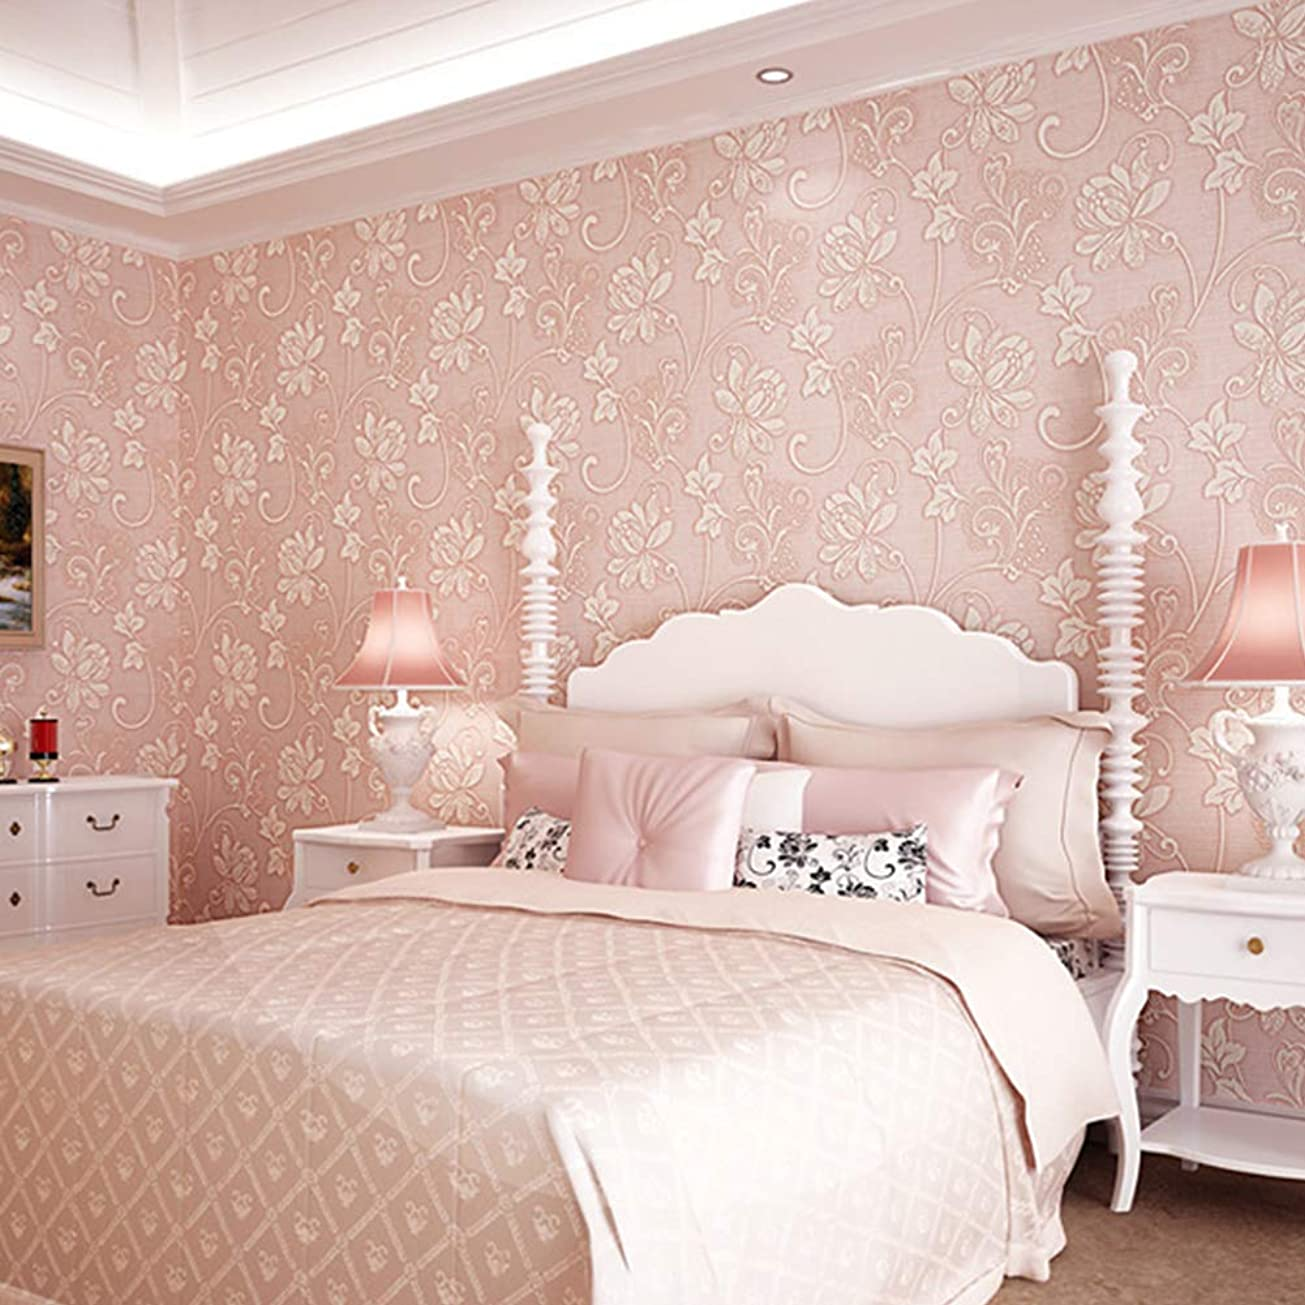 観客リズミカルな急ぐACHICOO 壁紙 寝室 リビングルーム 装飾 10M 3D 花柄 ライトピンク